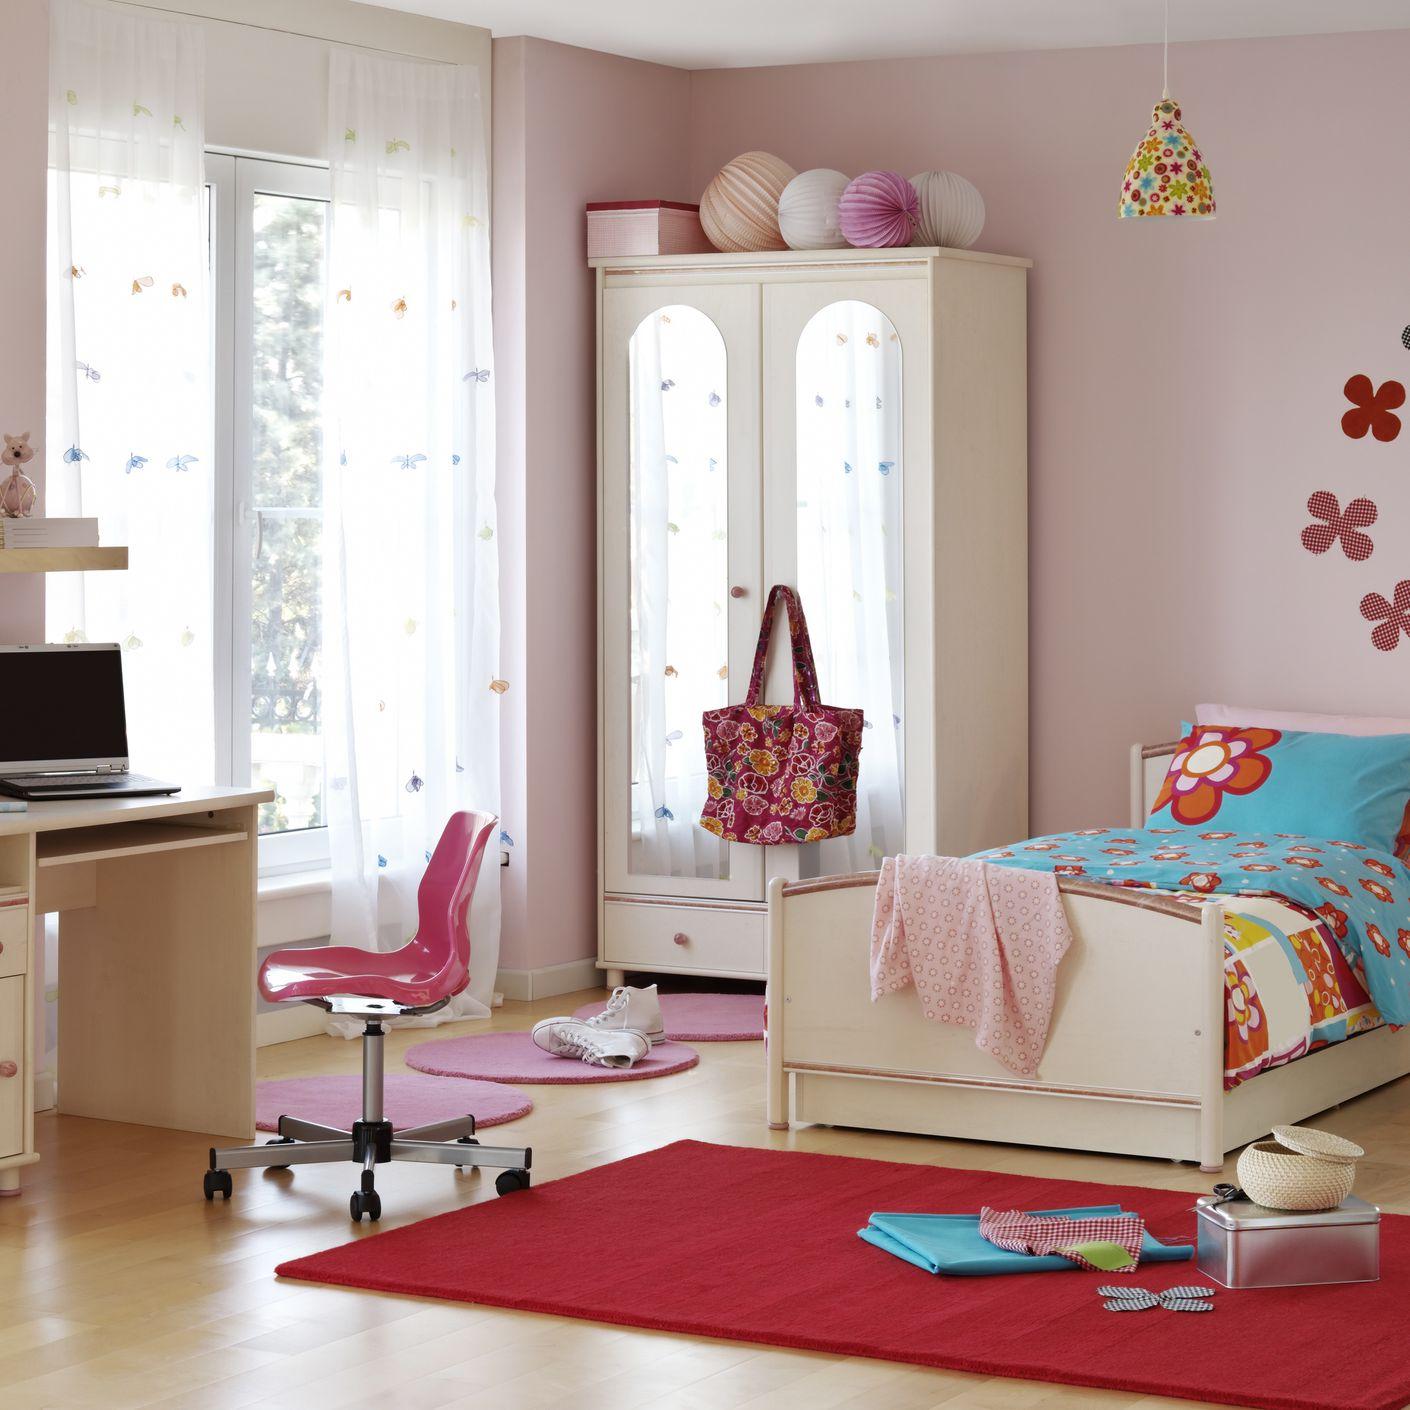 49 Diys For A Kid S Room